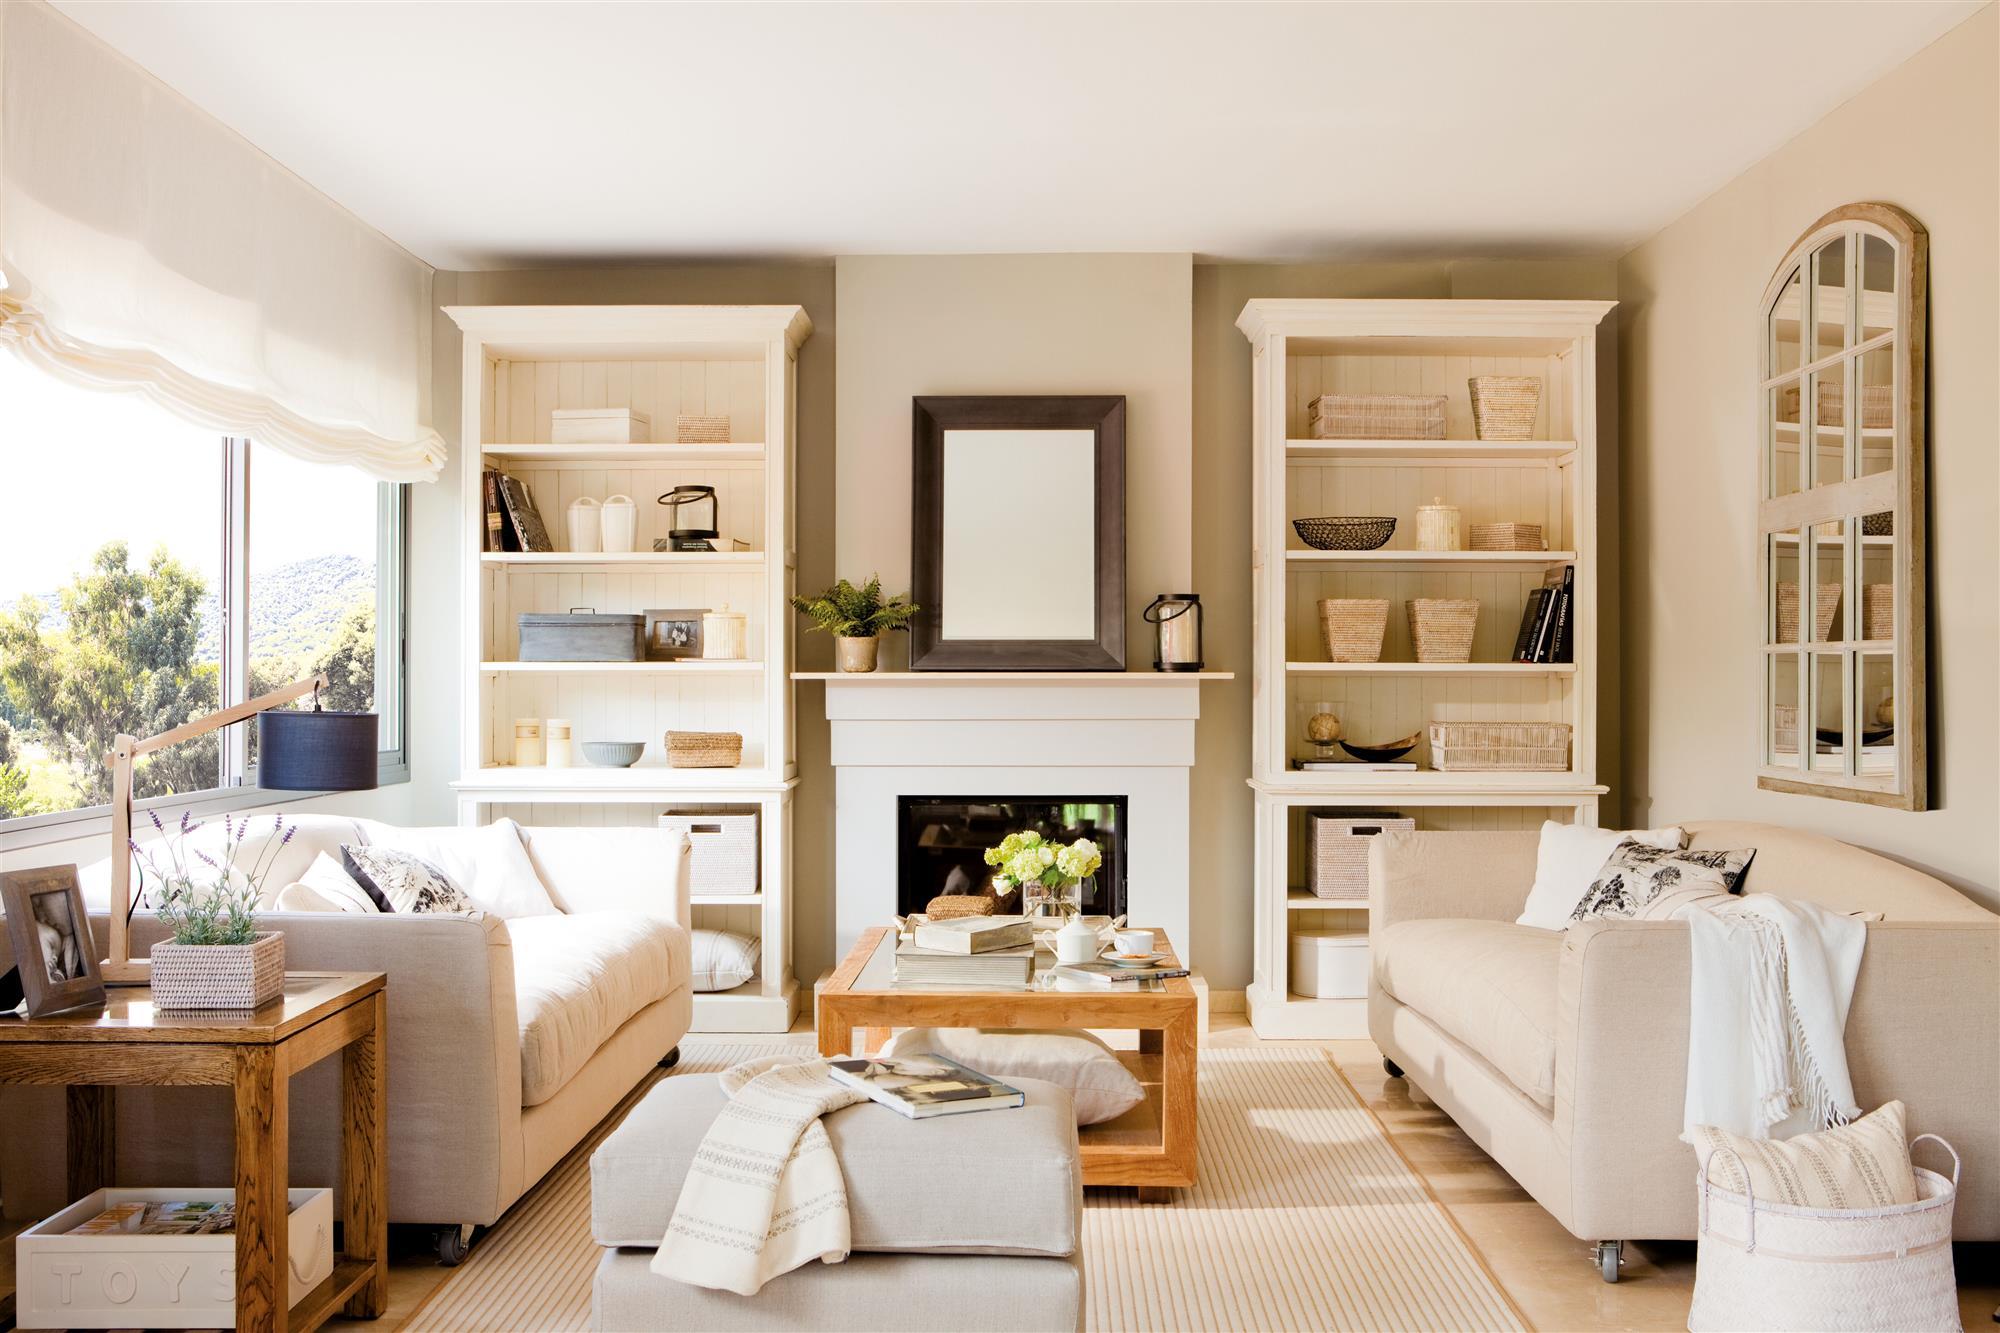 Utiliza las estanter as para presumir de objetos decorativos - Objetos decorativos salon ...